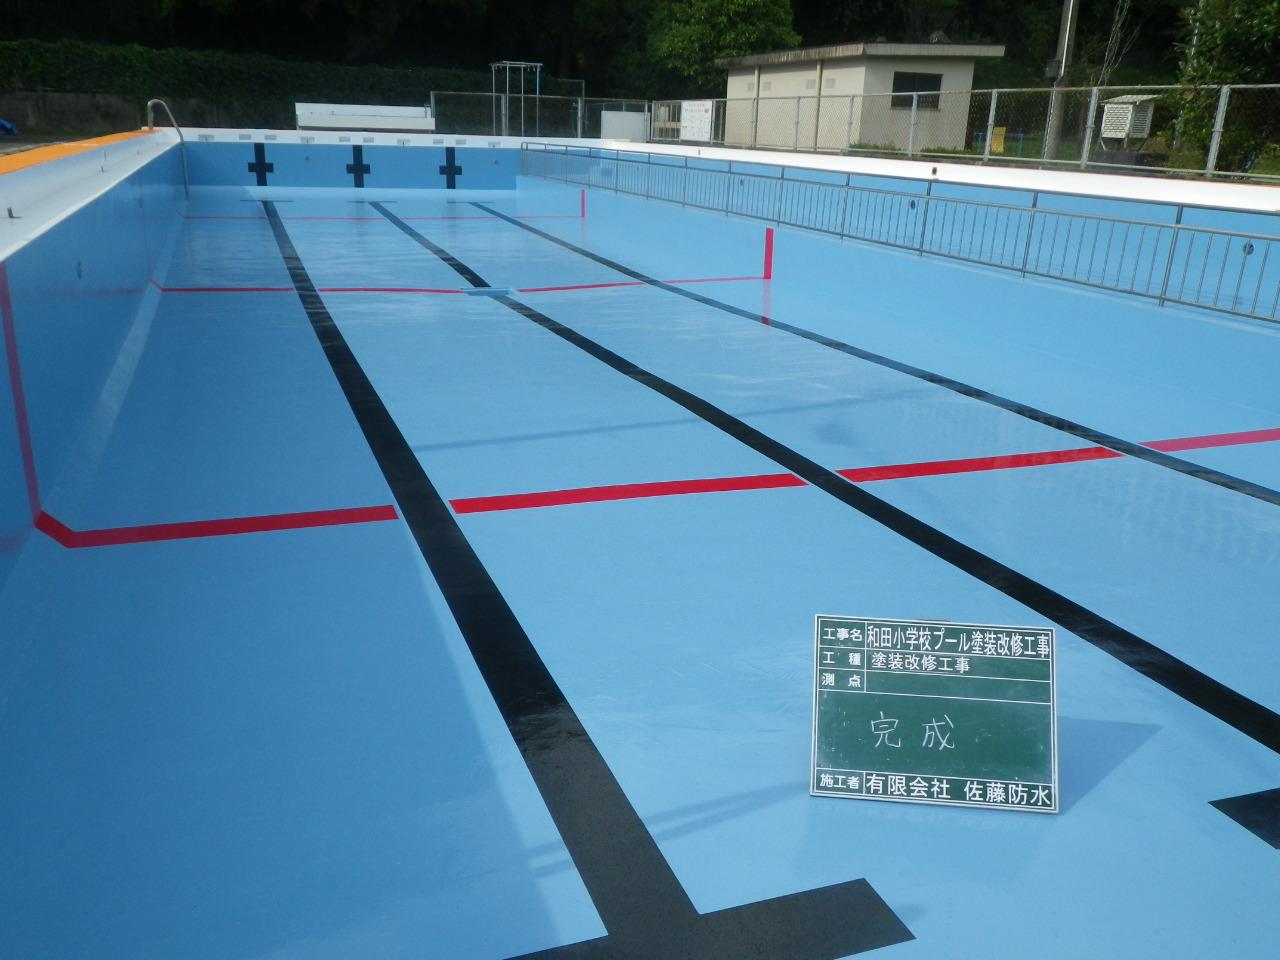 和田小学校プール塗装改修工事